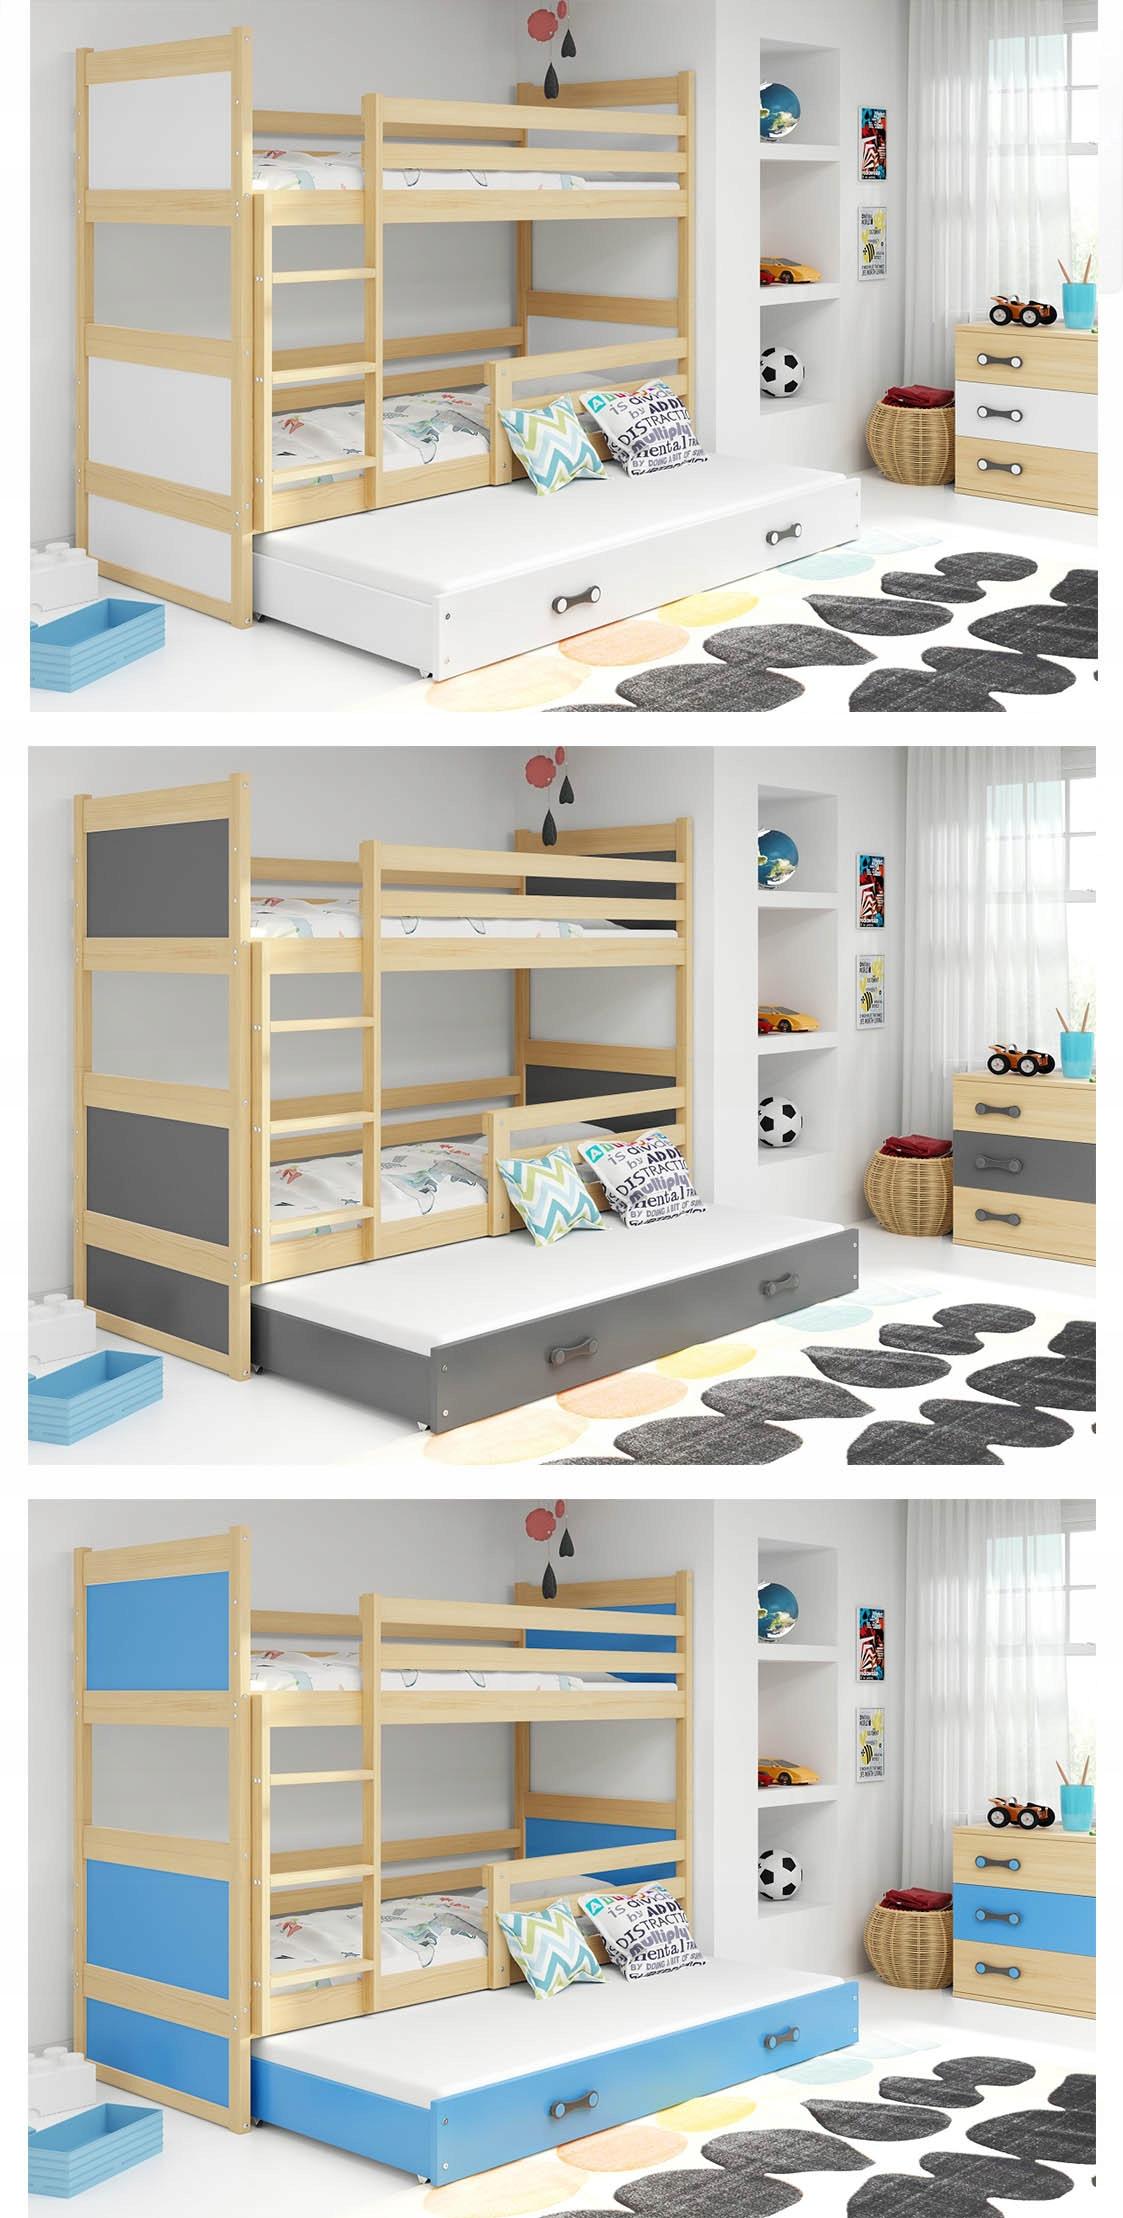 Łóżko Rico dla dzieci 190x80 piętrowe 3 osobowe Szerokość 87 cm